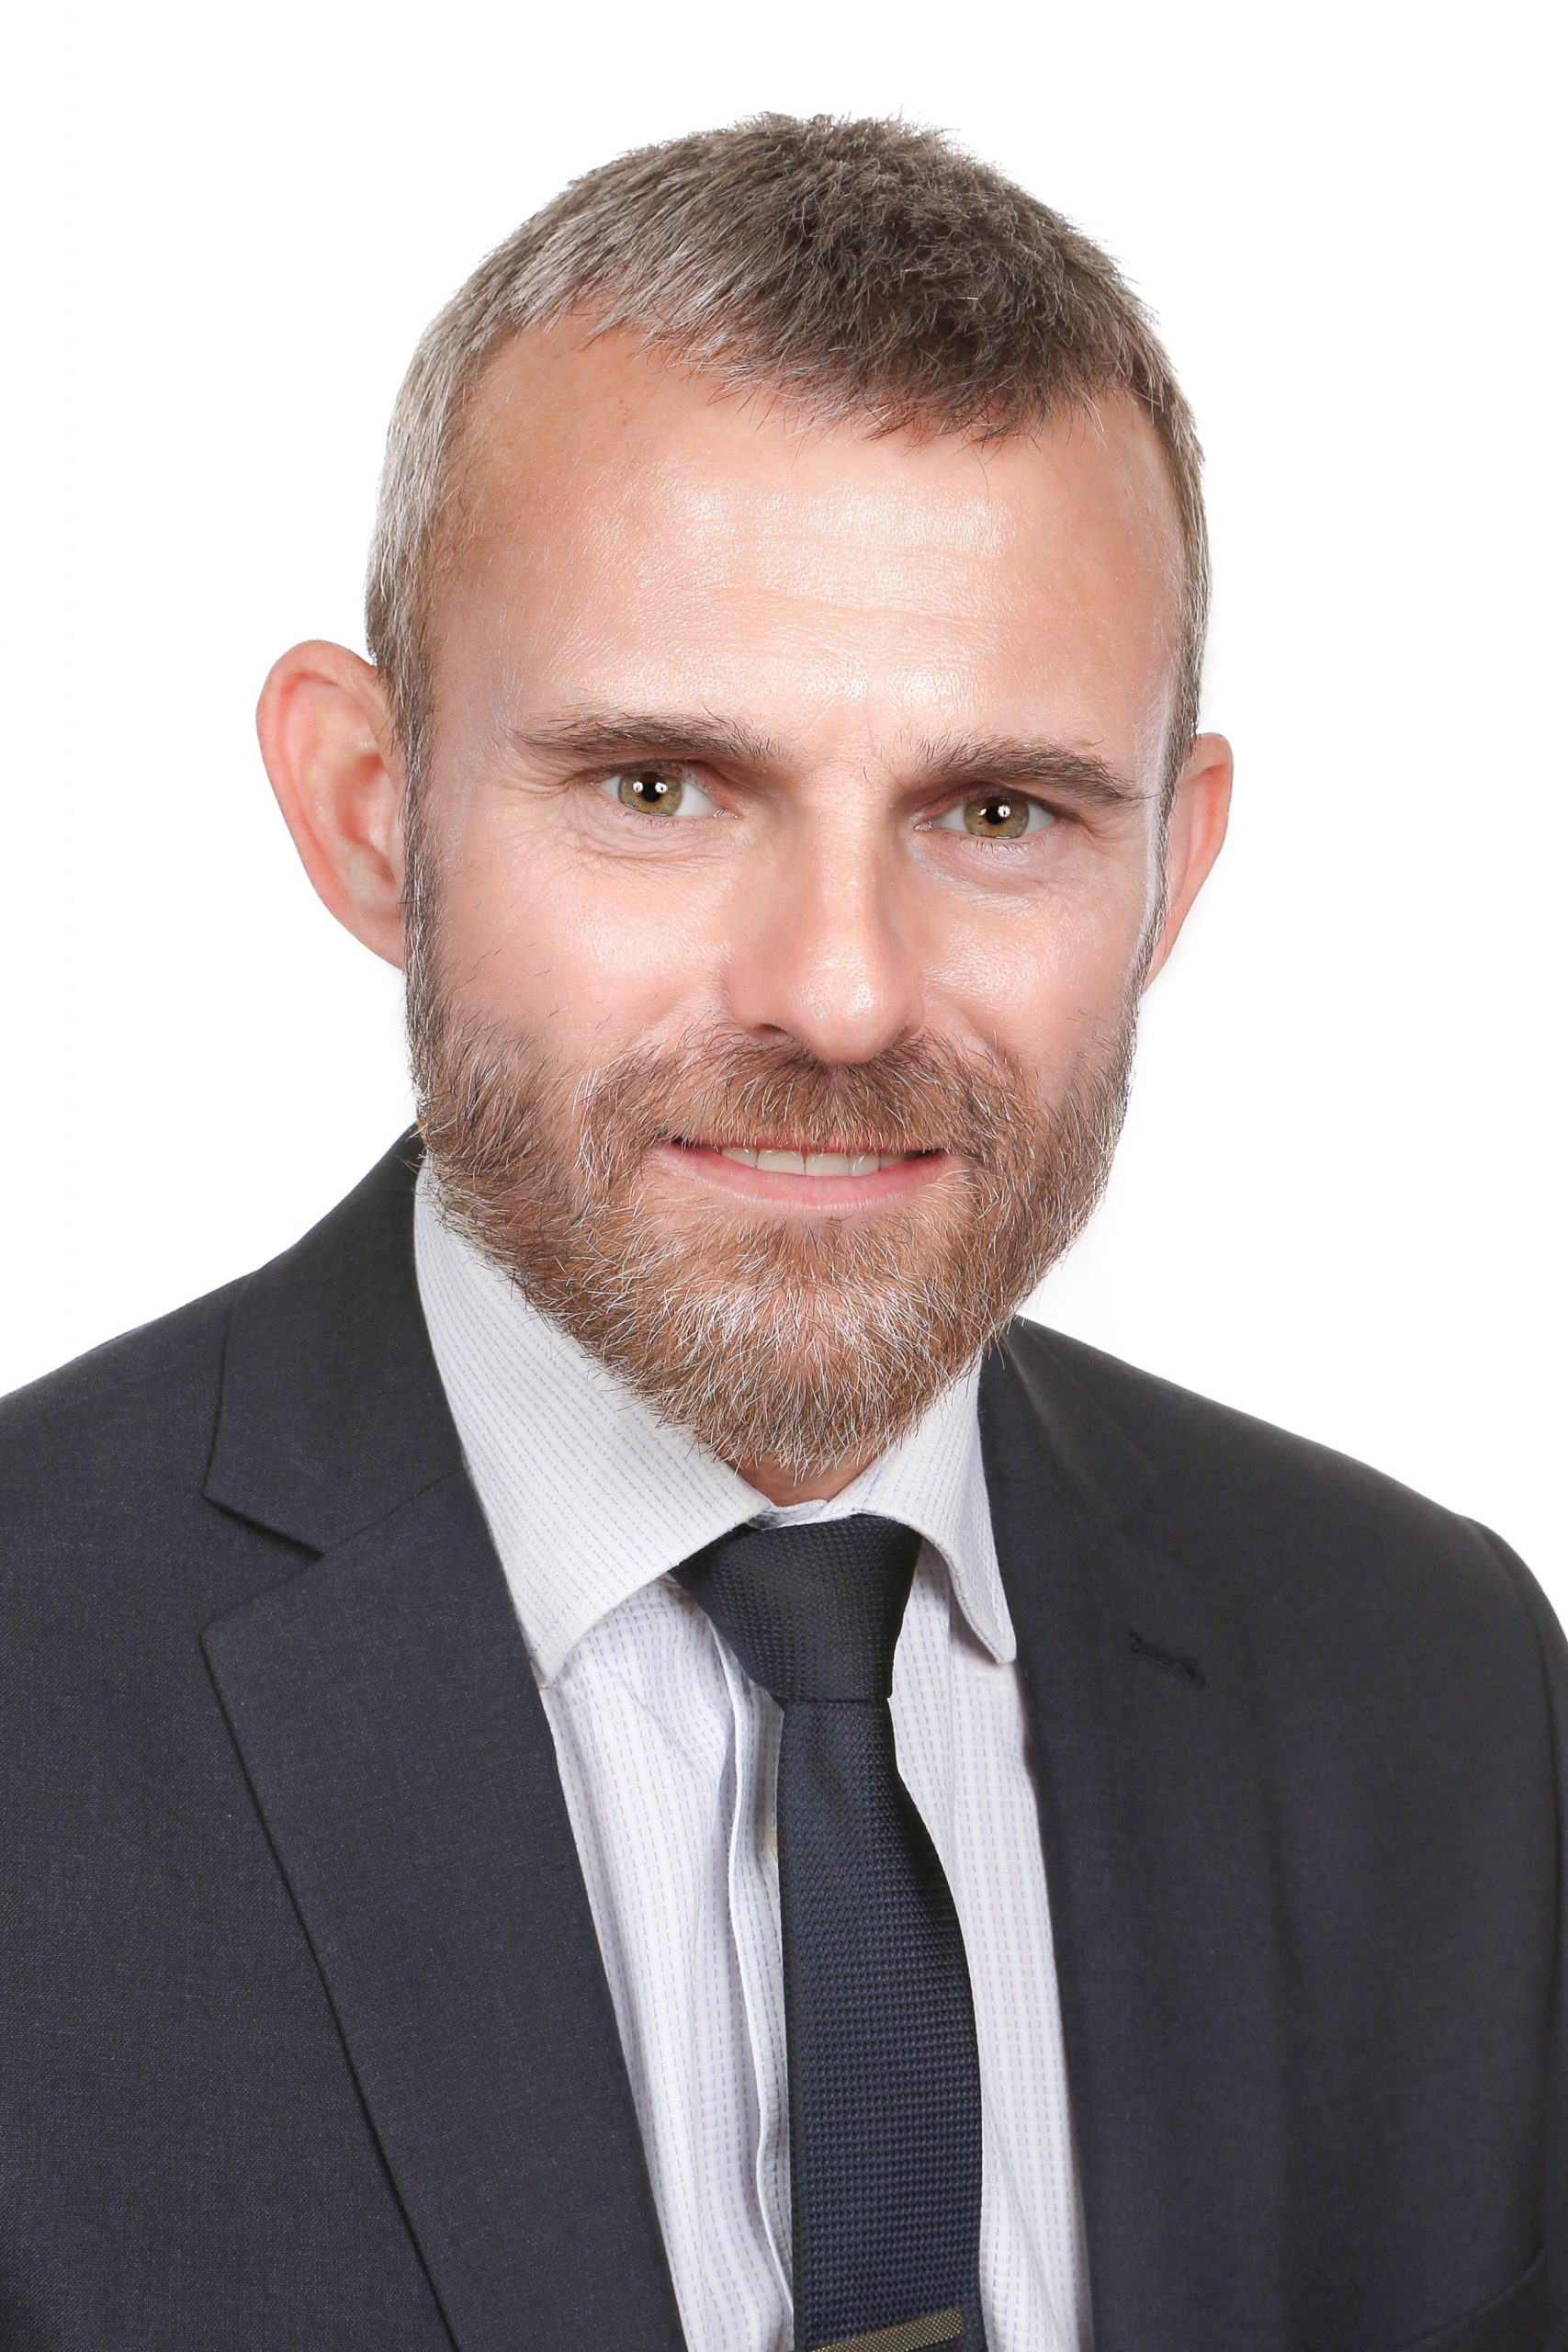 Mr M Macaulay : Executive Head Teacher